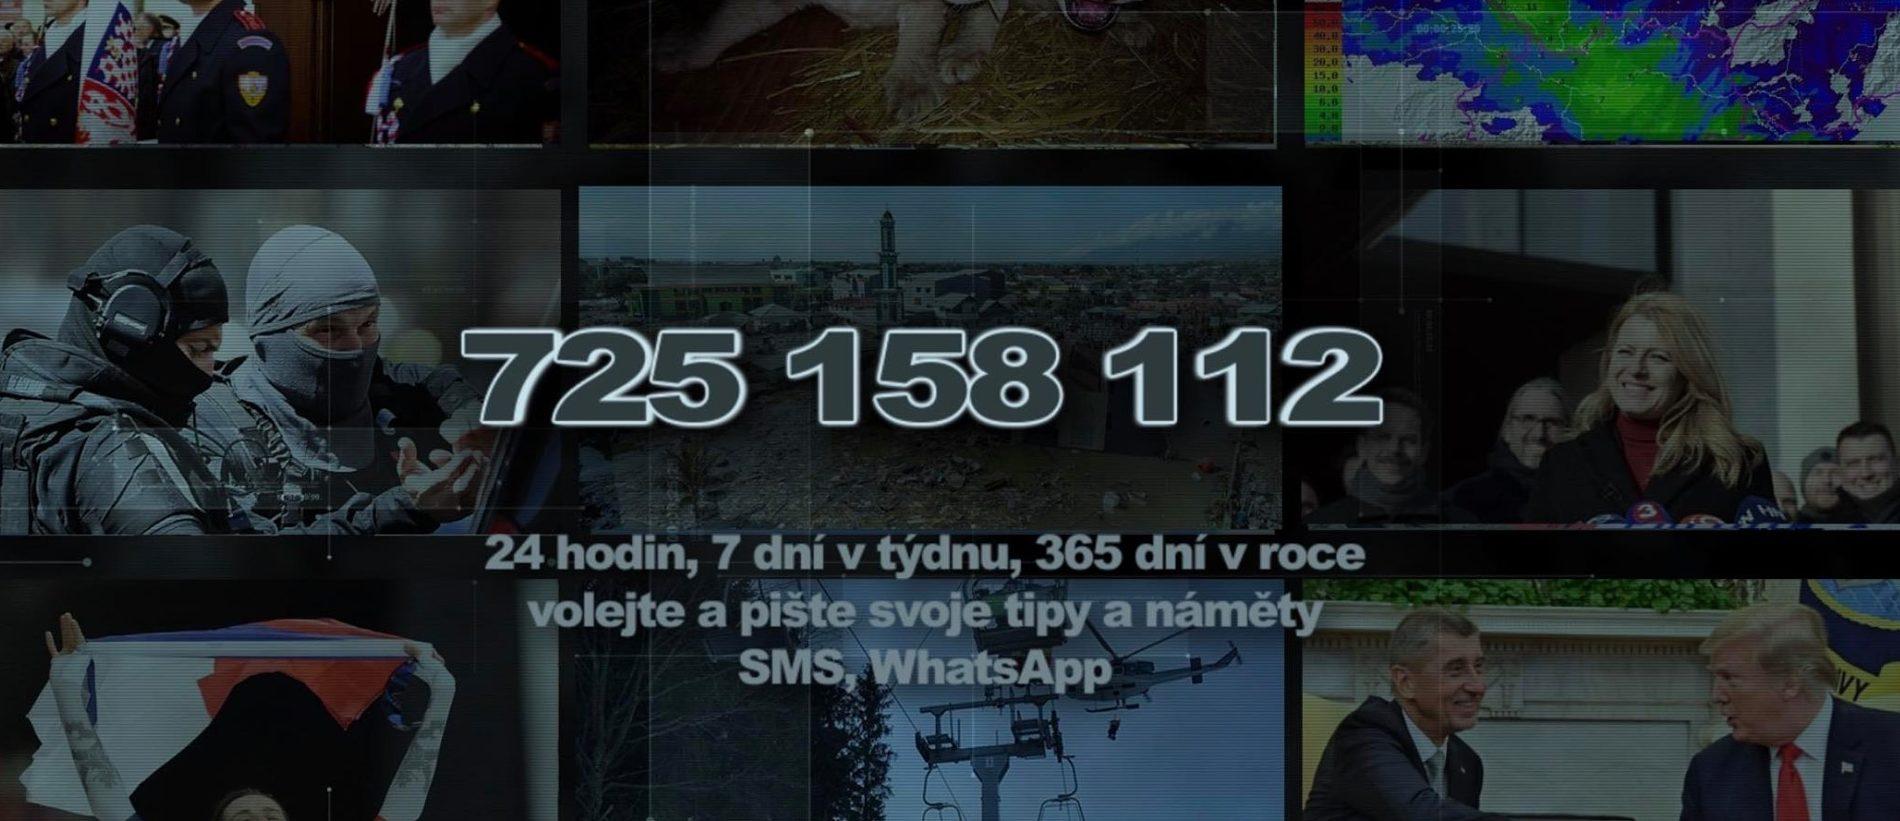 AKTU – news agency s.r.o. – AKTU cz